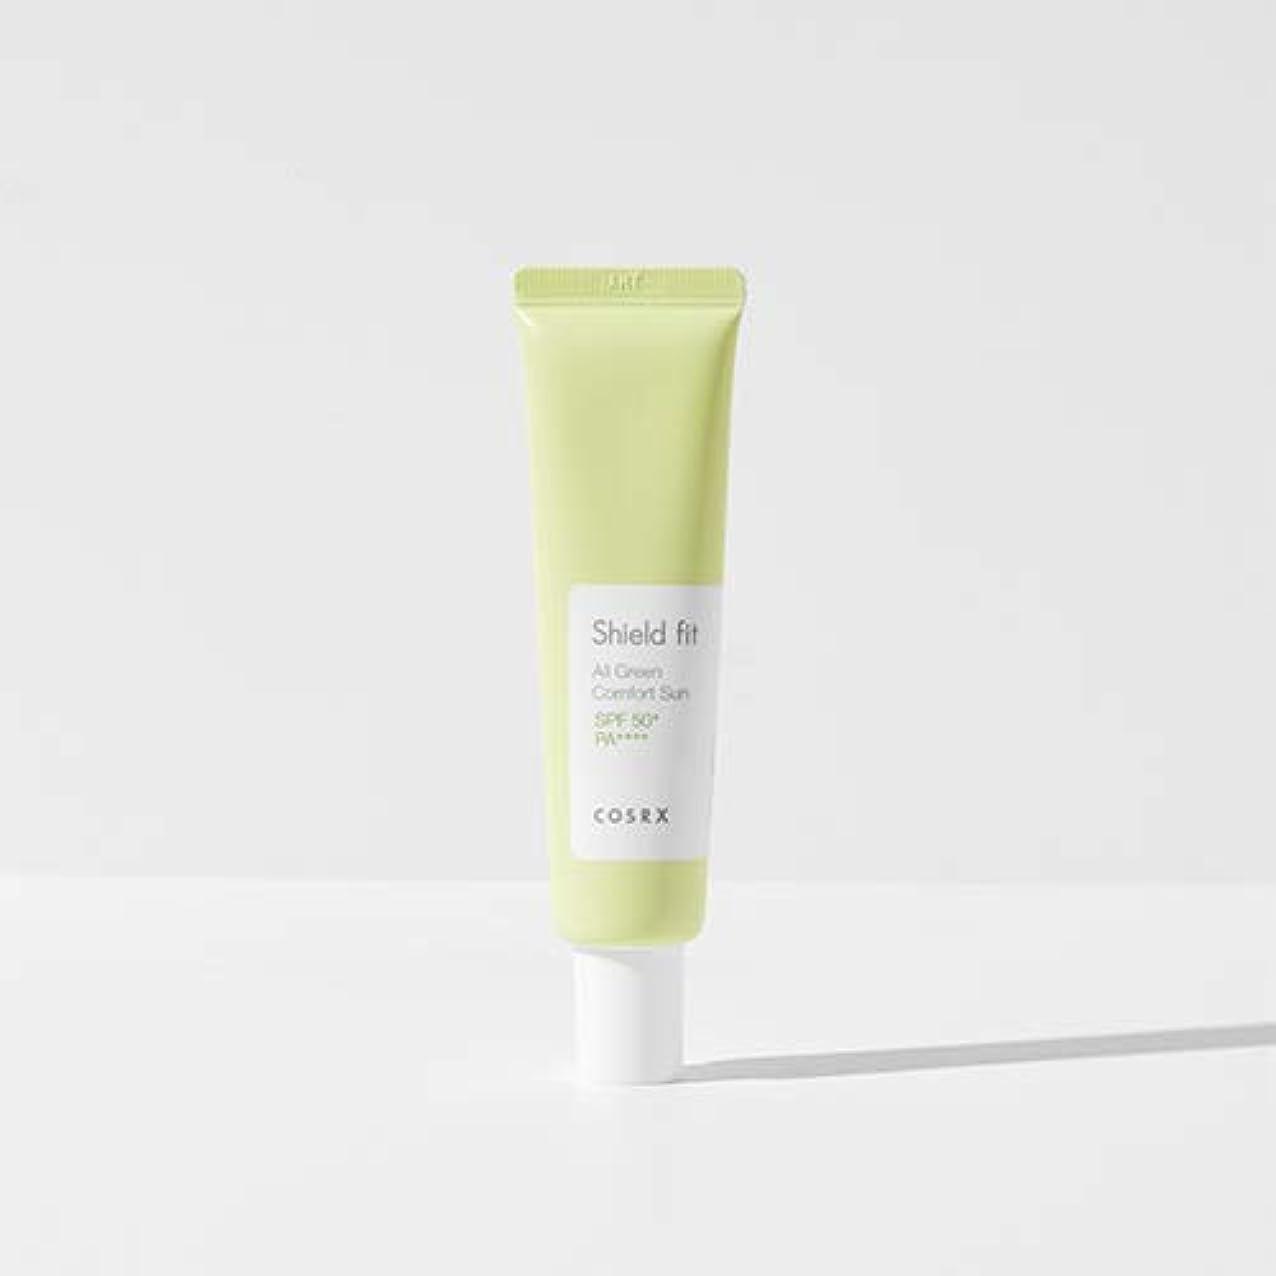 はがき殺人者理容師COSRX シールド フィット オール グリーン コンフォート サン(無機系)/Shield fit All Green Comfort Sun (35ml) [並行輸入品]